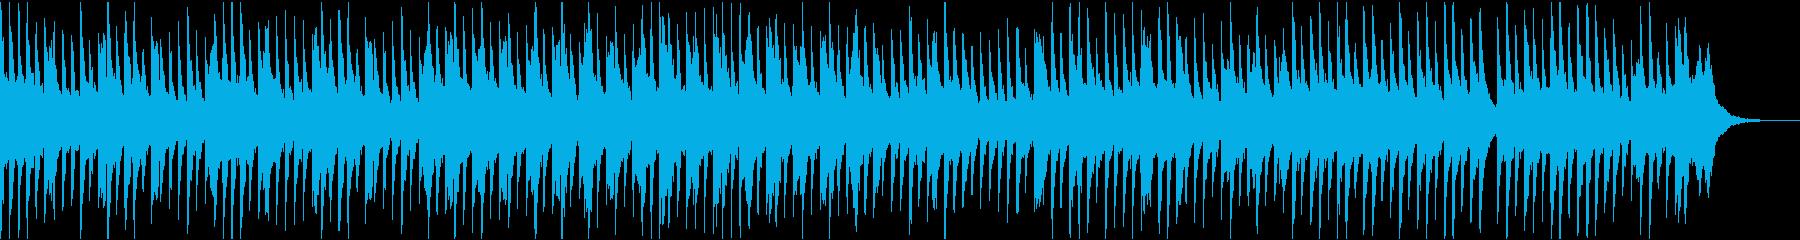 奇妙で怪しい雰囲気のワルツの再生済みの波形